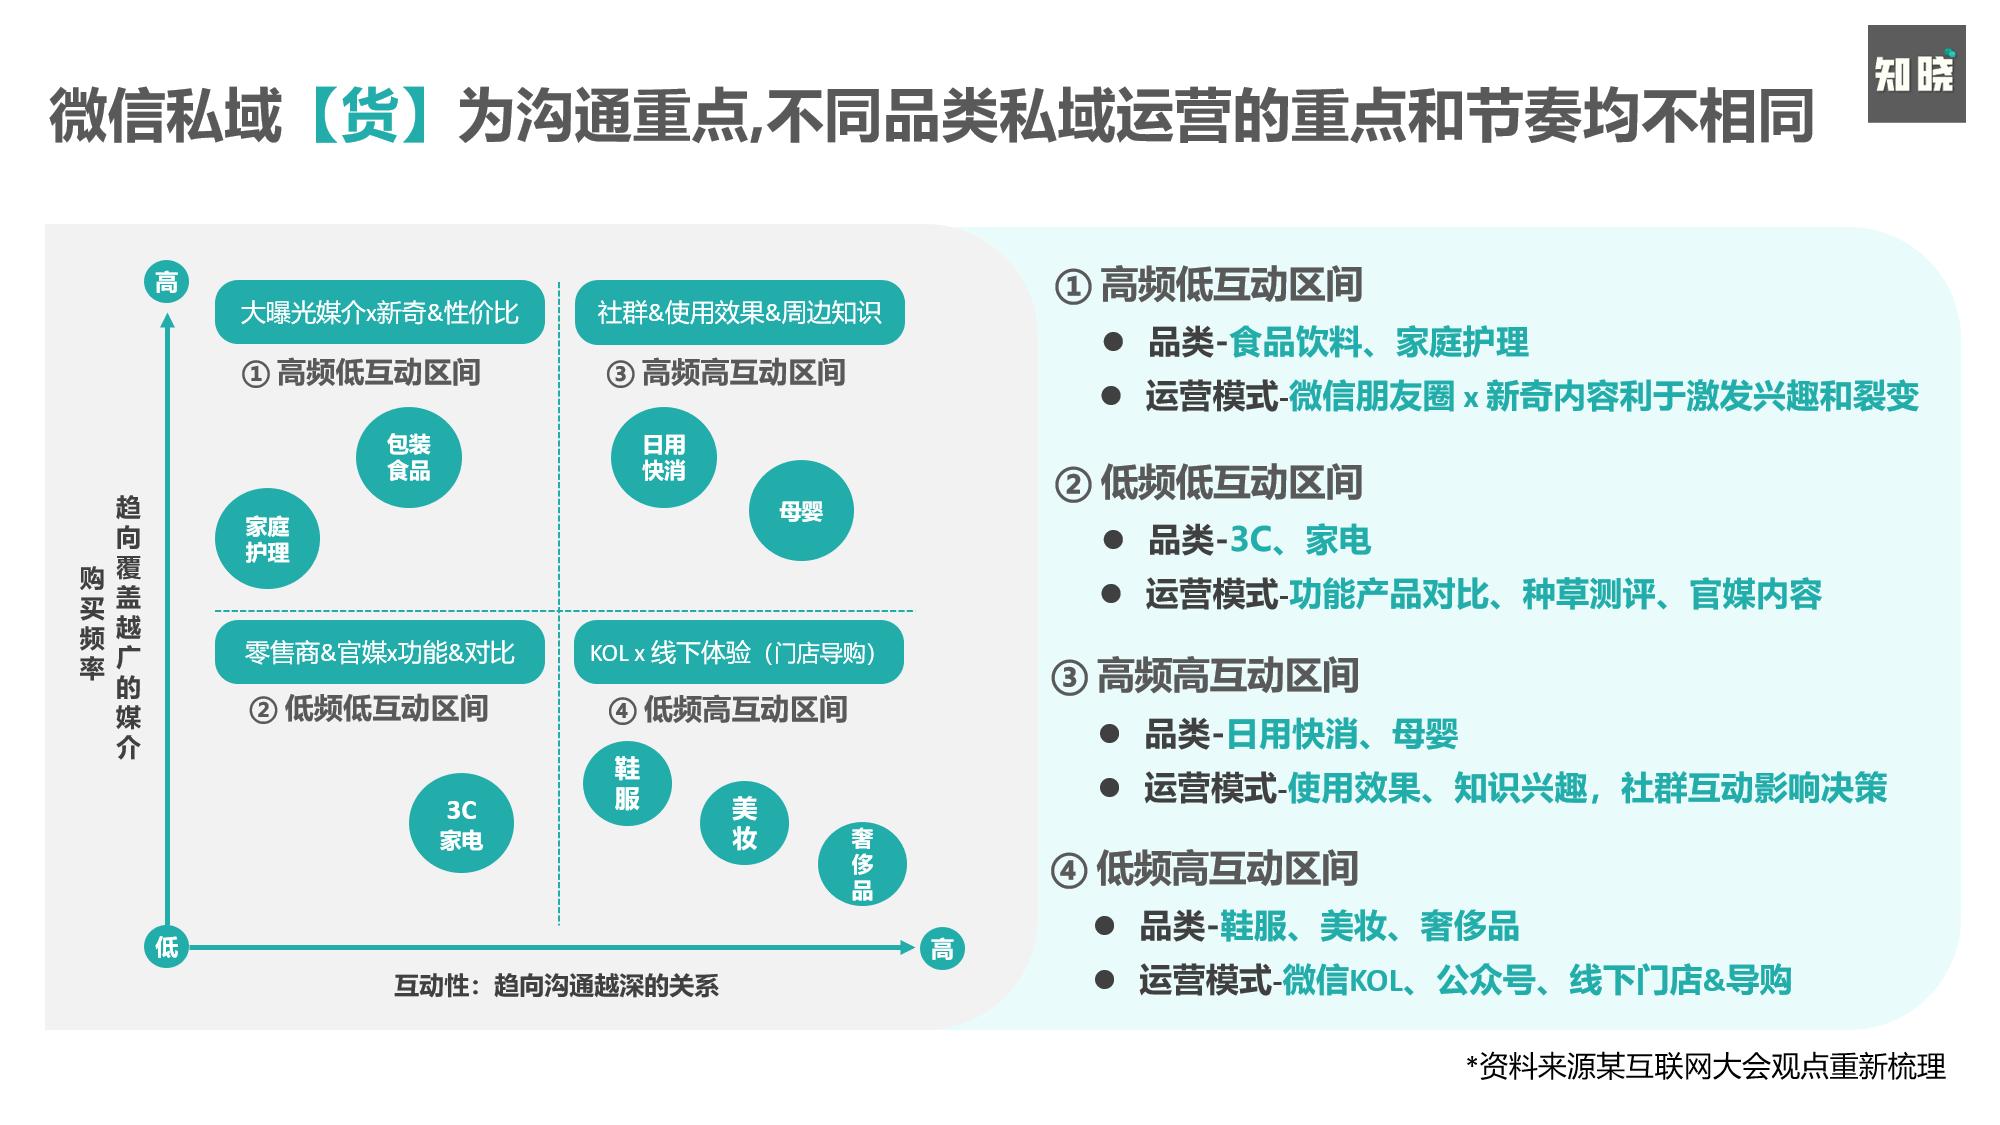 如何通过4个步骤,重构私域电商的运营策略